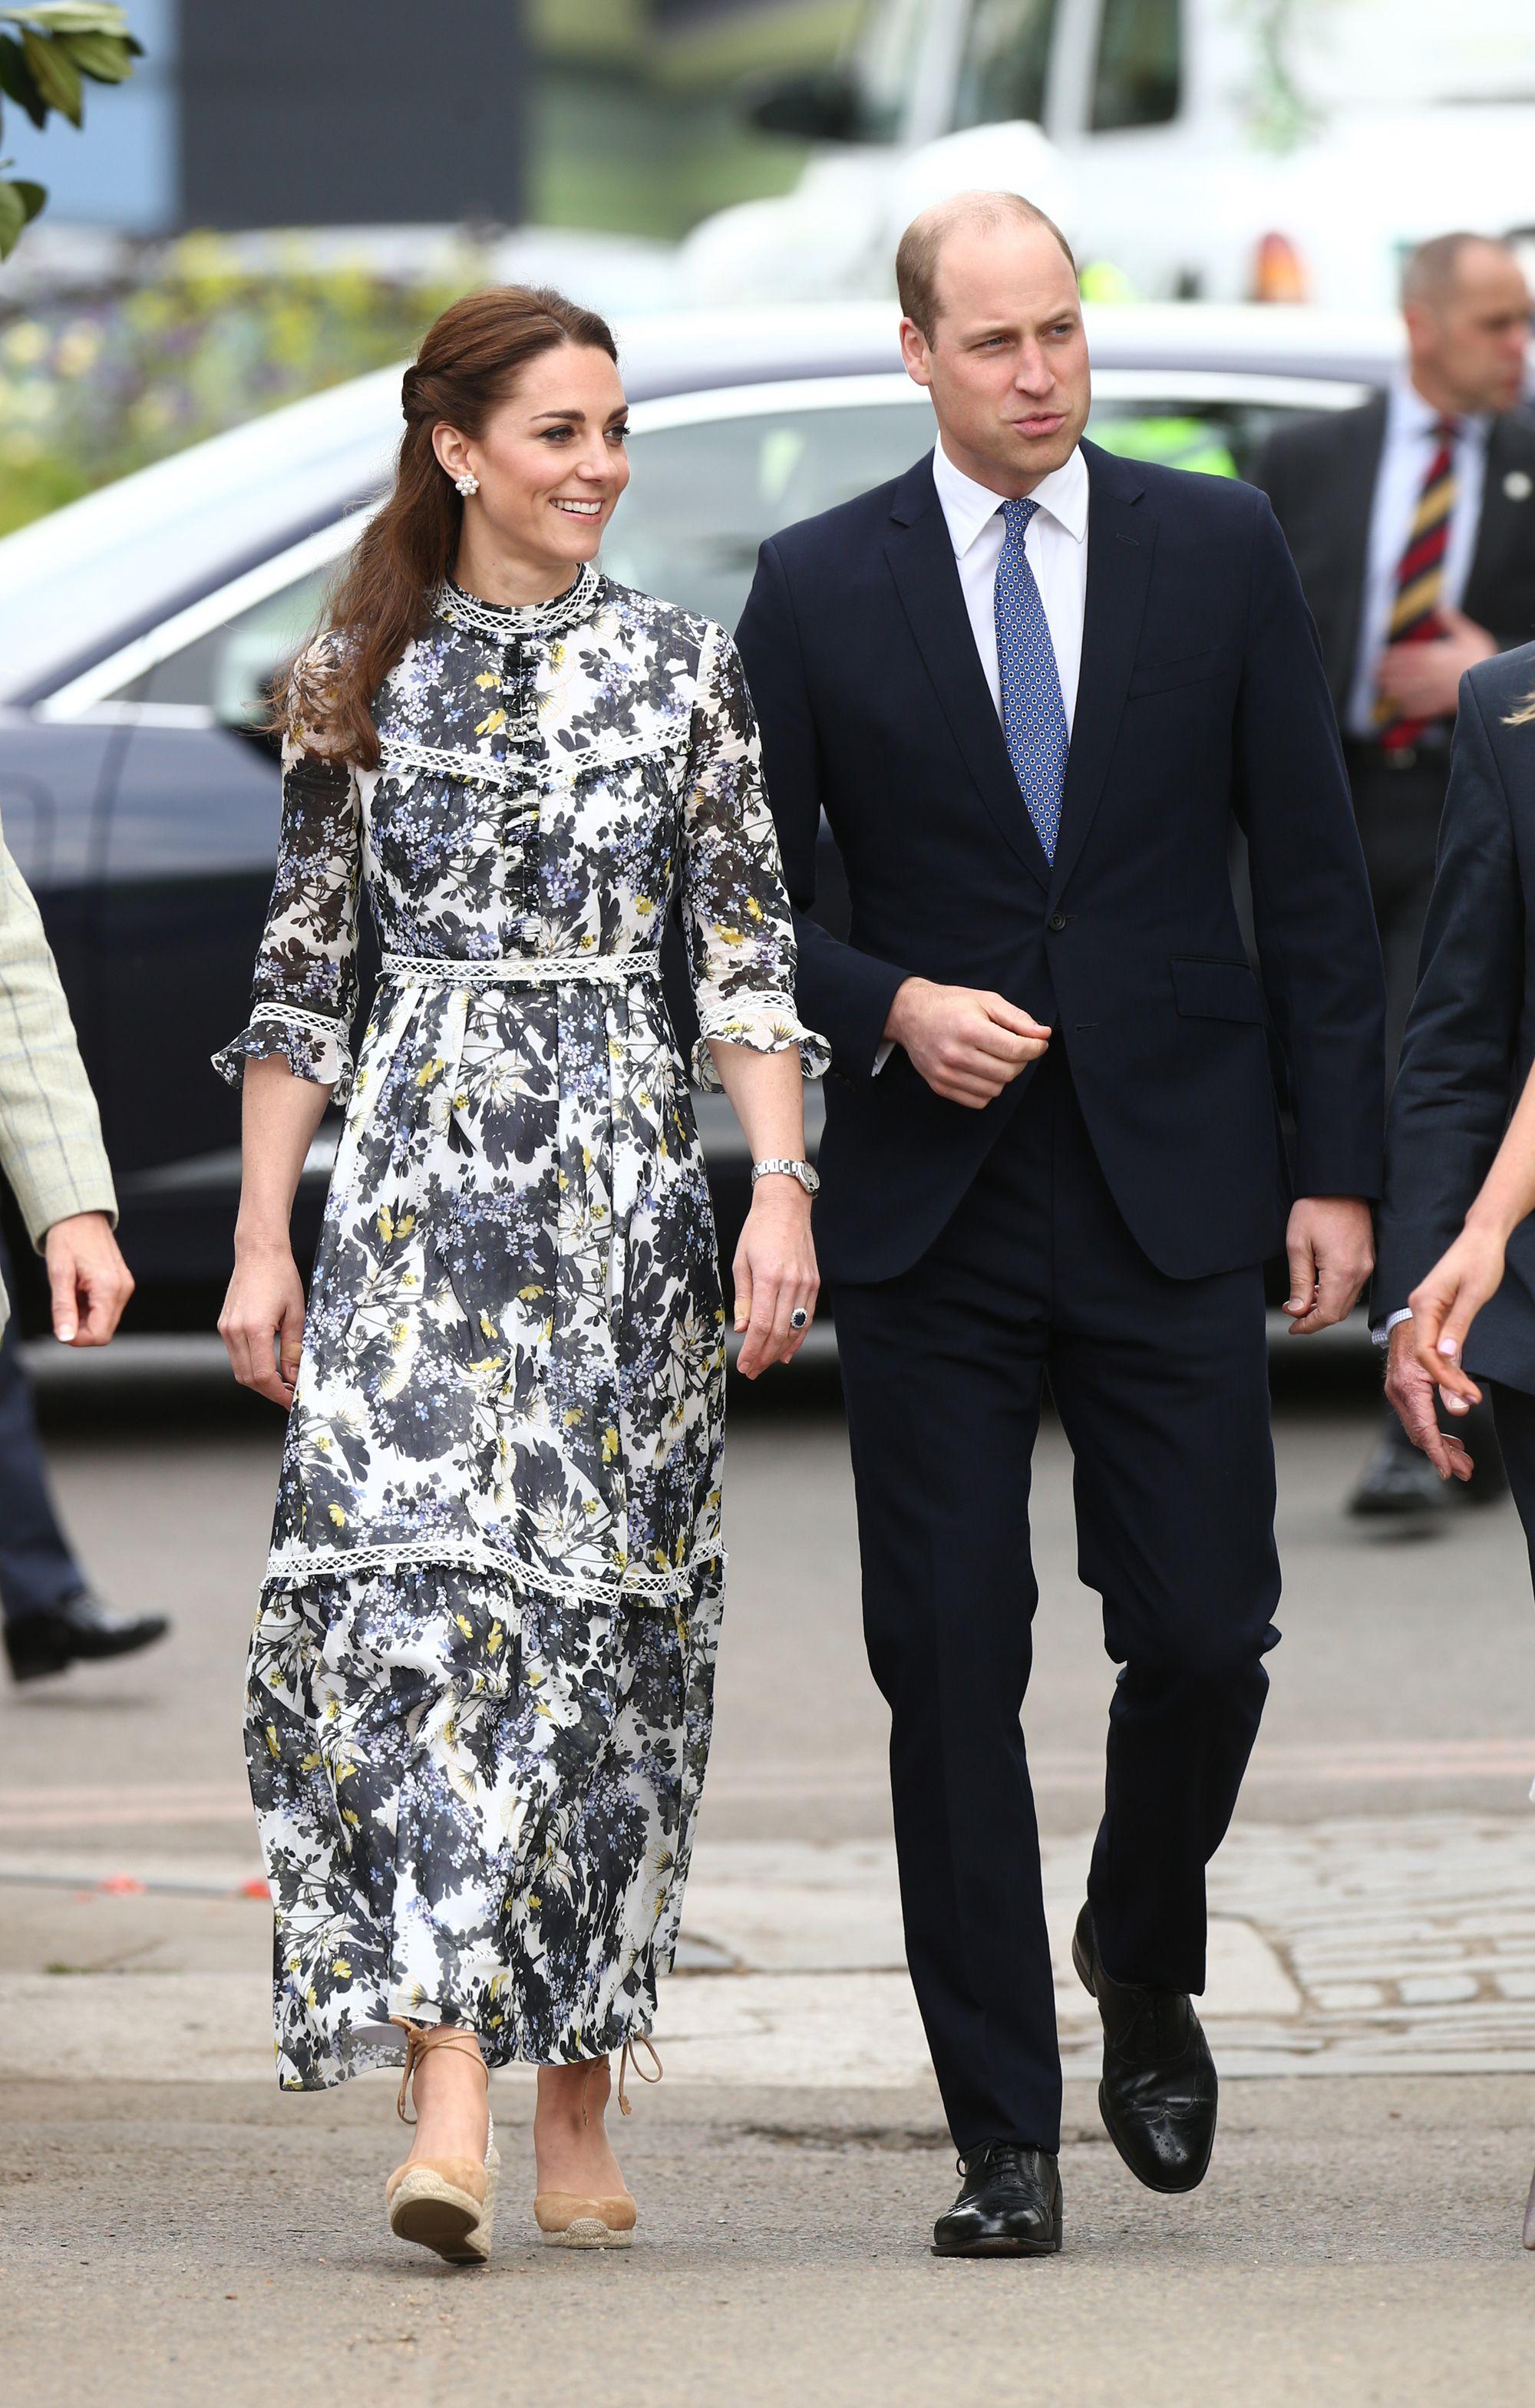 Kate Middleton's Floral Erdem Dress is a Royal Family Favorite